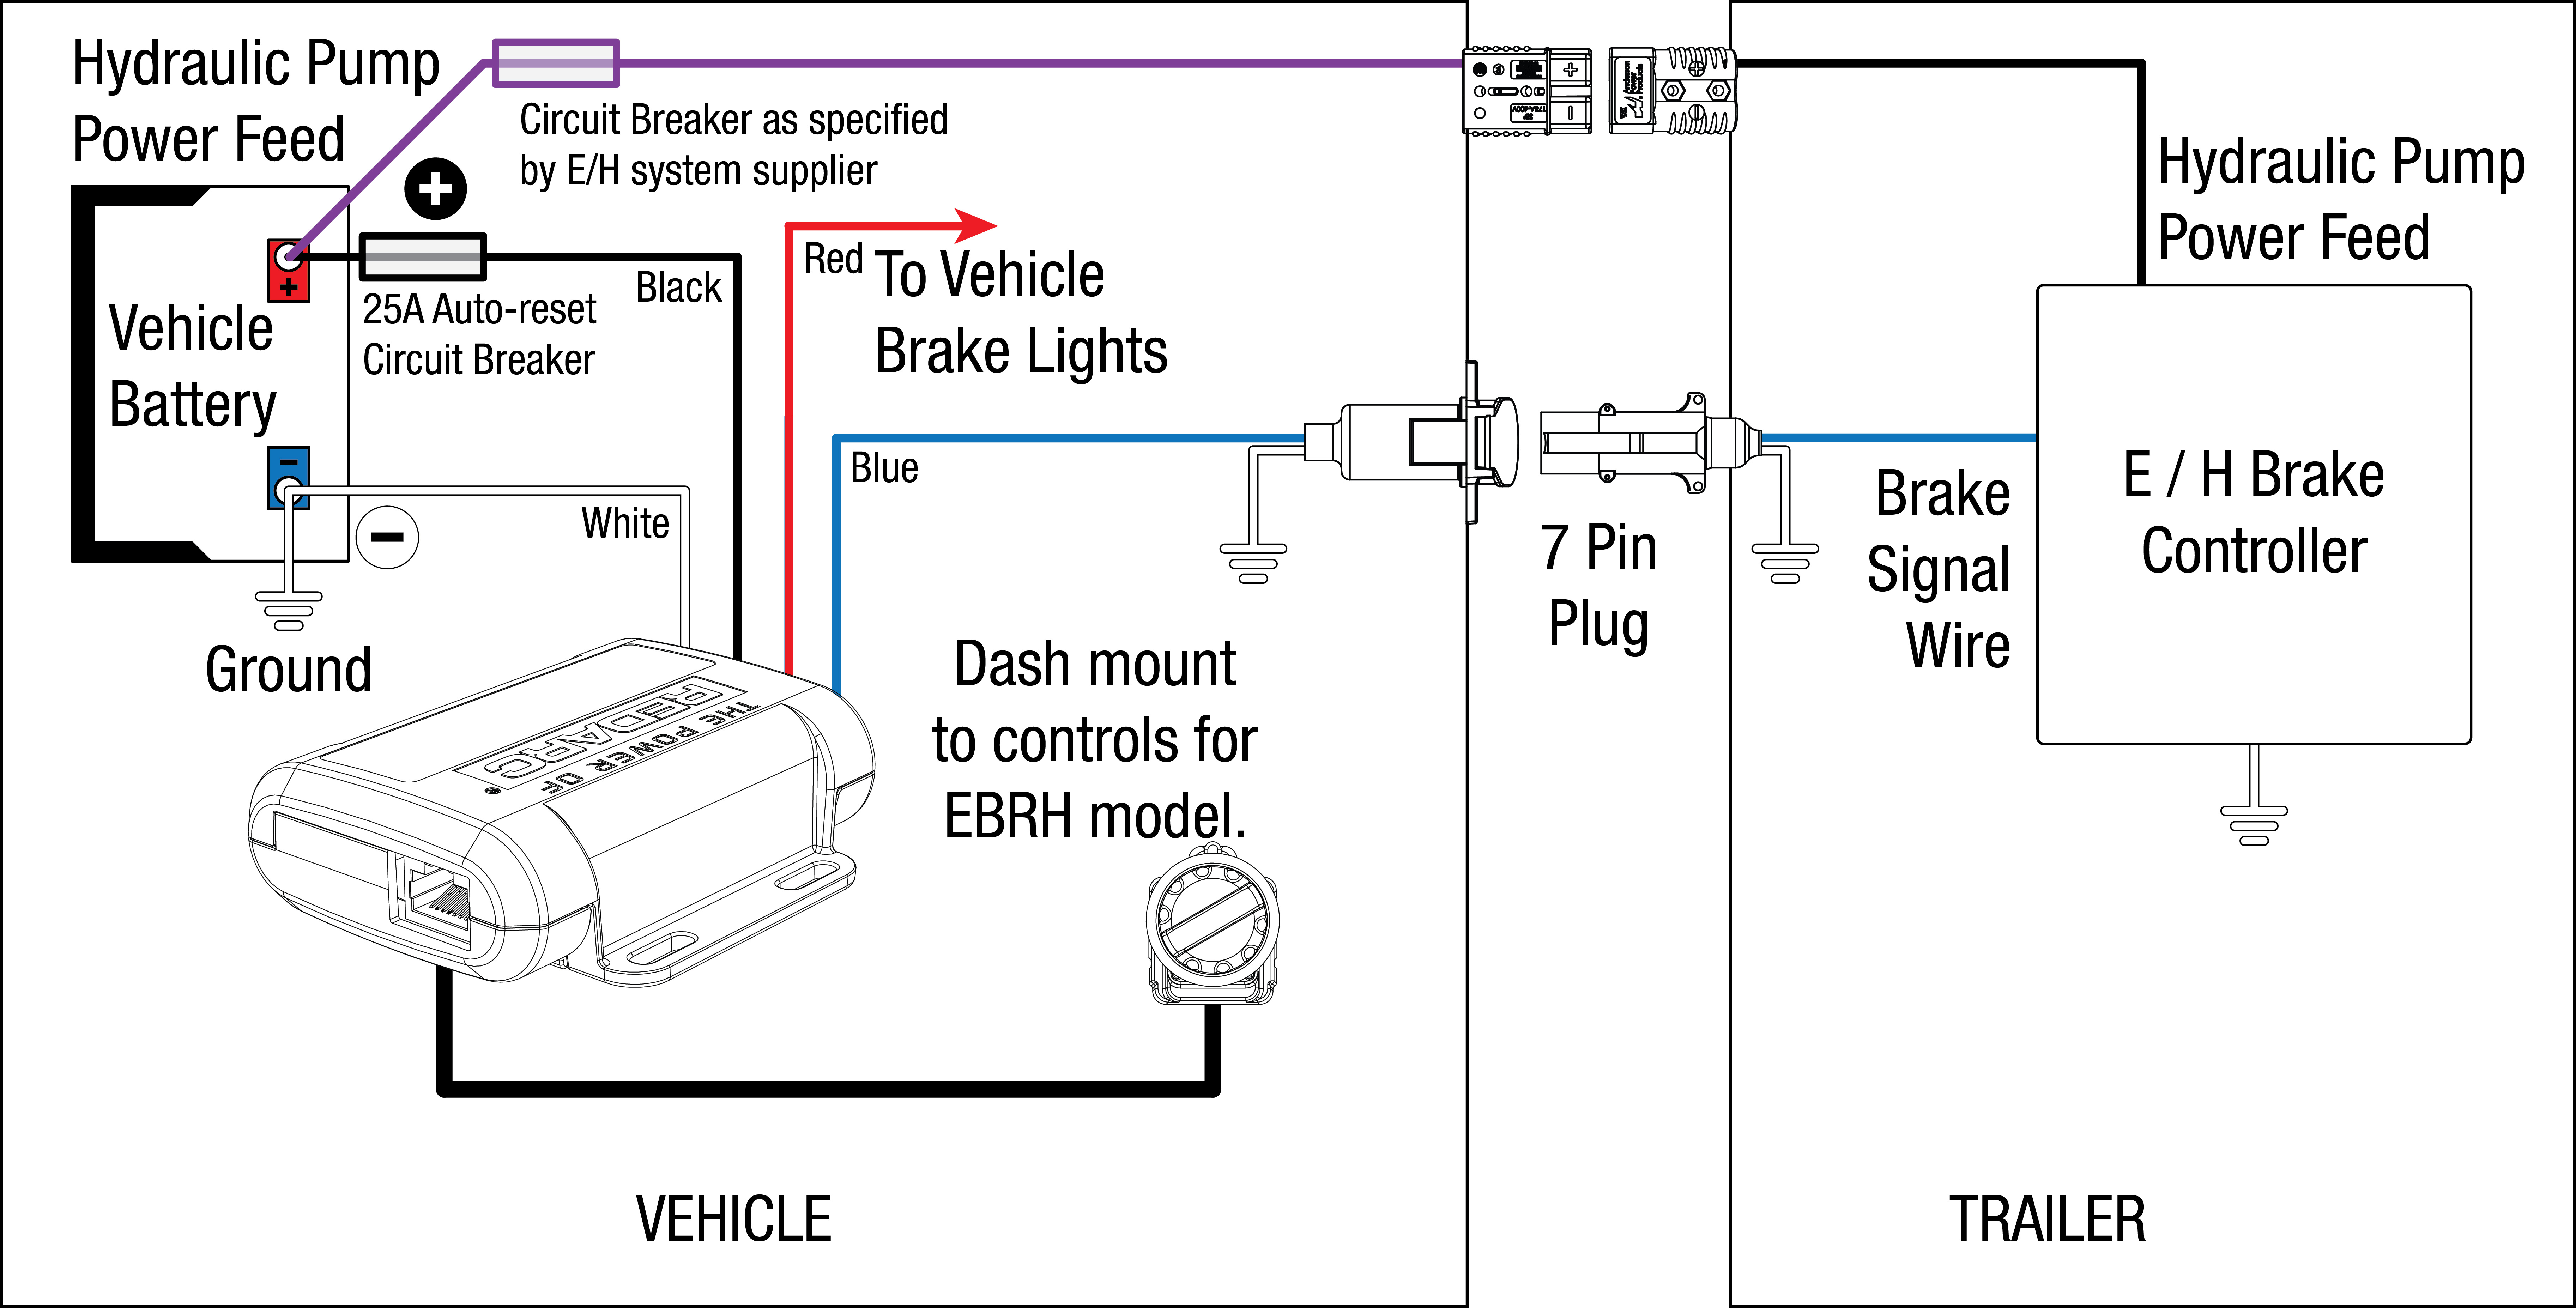 Tekonsha Voyager Brake Control Wiring Diagram -Can Am Four Wheeler Wiring  Diagram | Begeboy Wiring Diagram Source | Voyager Xp Brake Controller Wiring Diagram |  | Begeboy Wiring Diagram Source